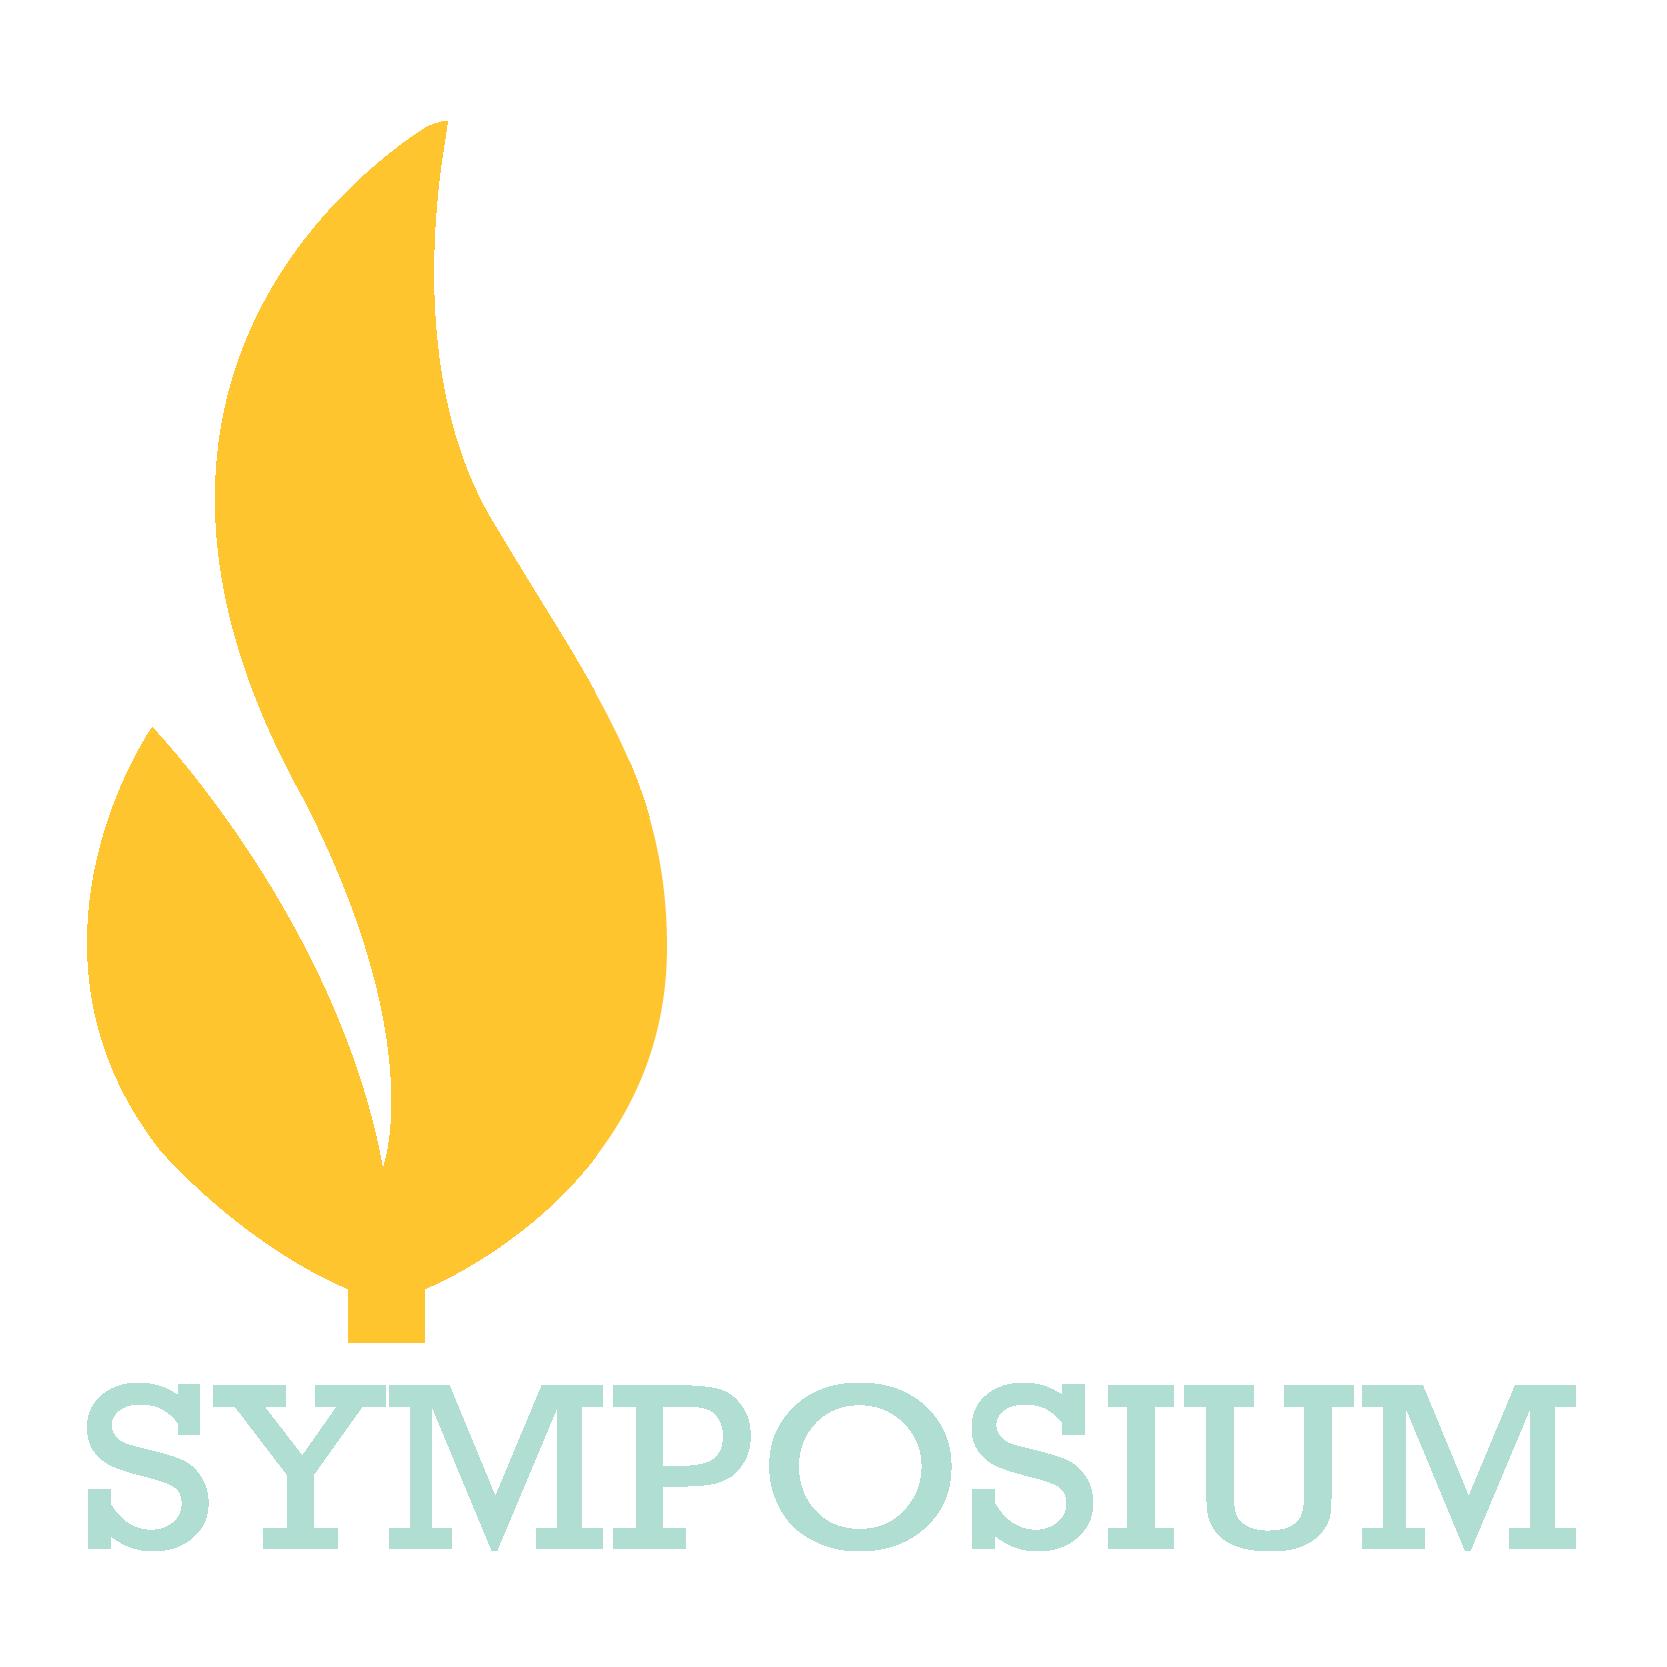 PHPN Symposium logo